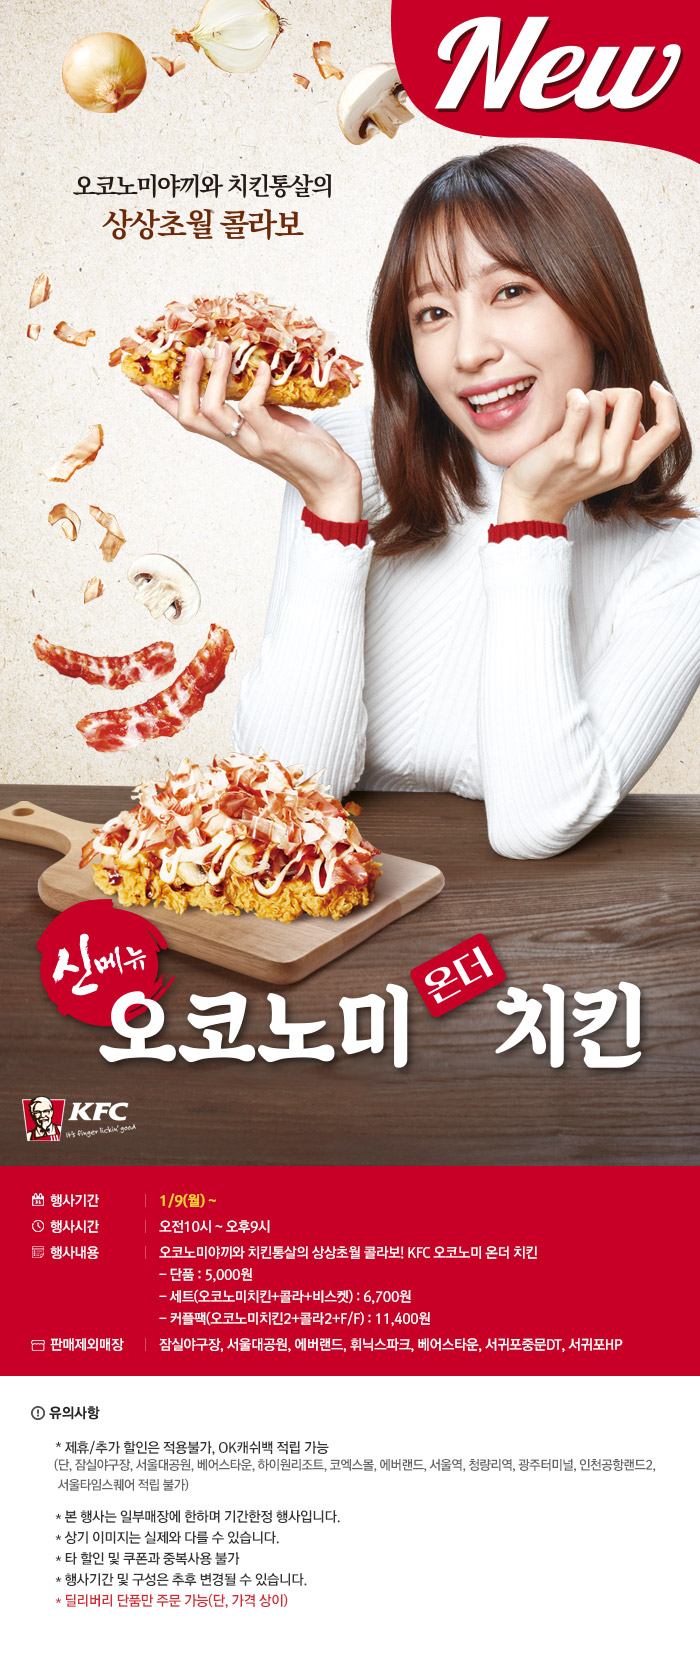 이거 완전 갓띵작 아니냐,오코노미 온 더 치킨 [KFC]